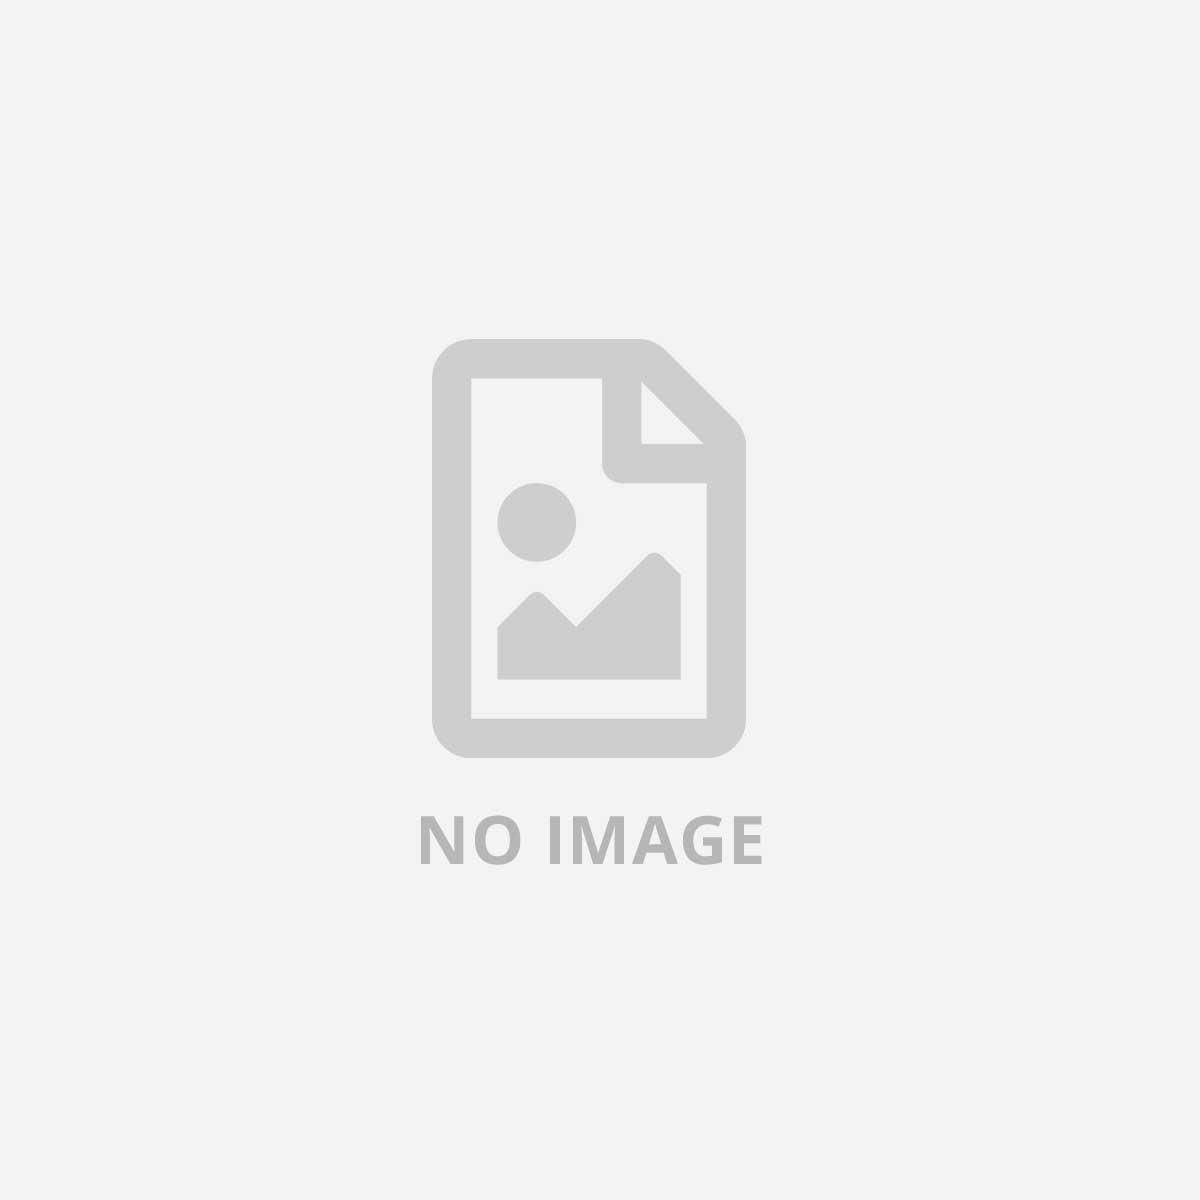 HP DESIGNJET T250 PRINTER 61CM-24IN